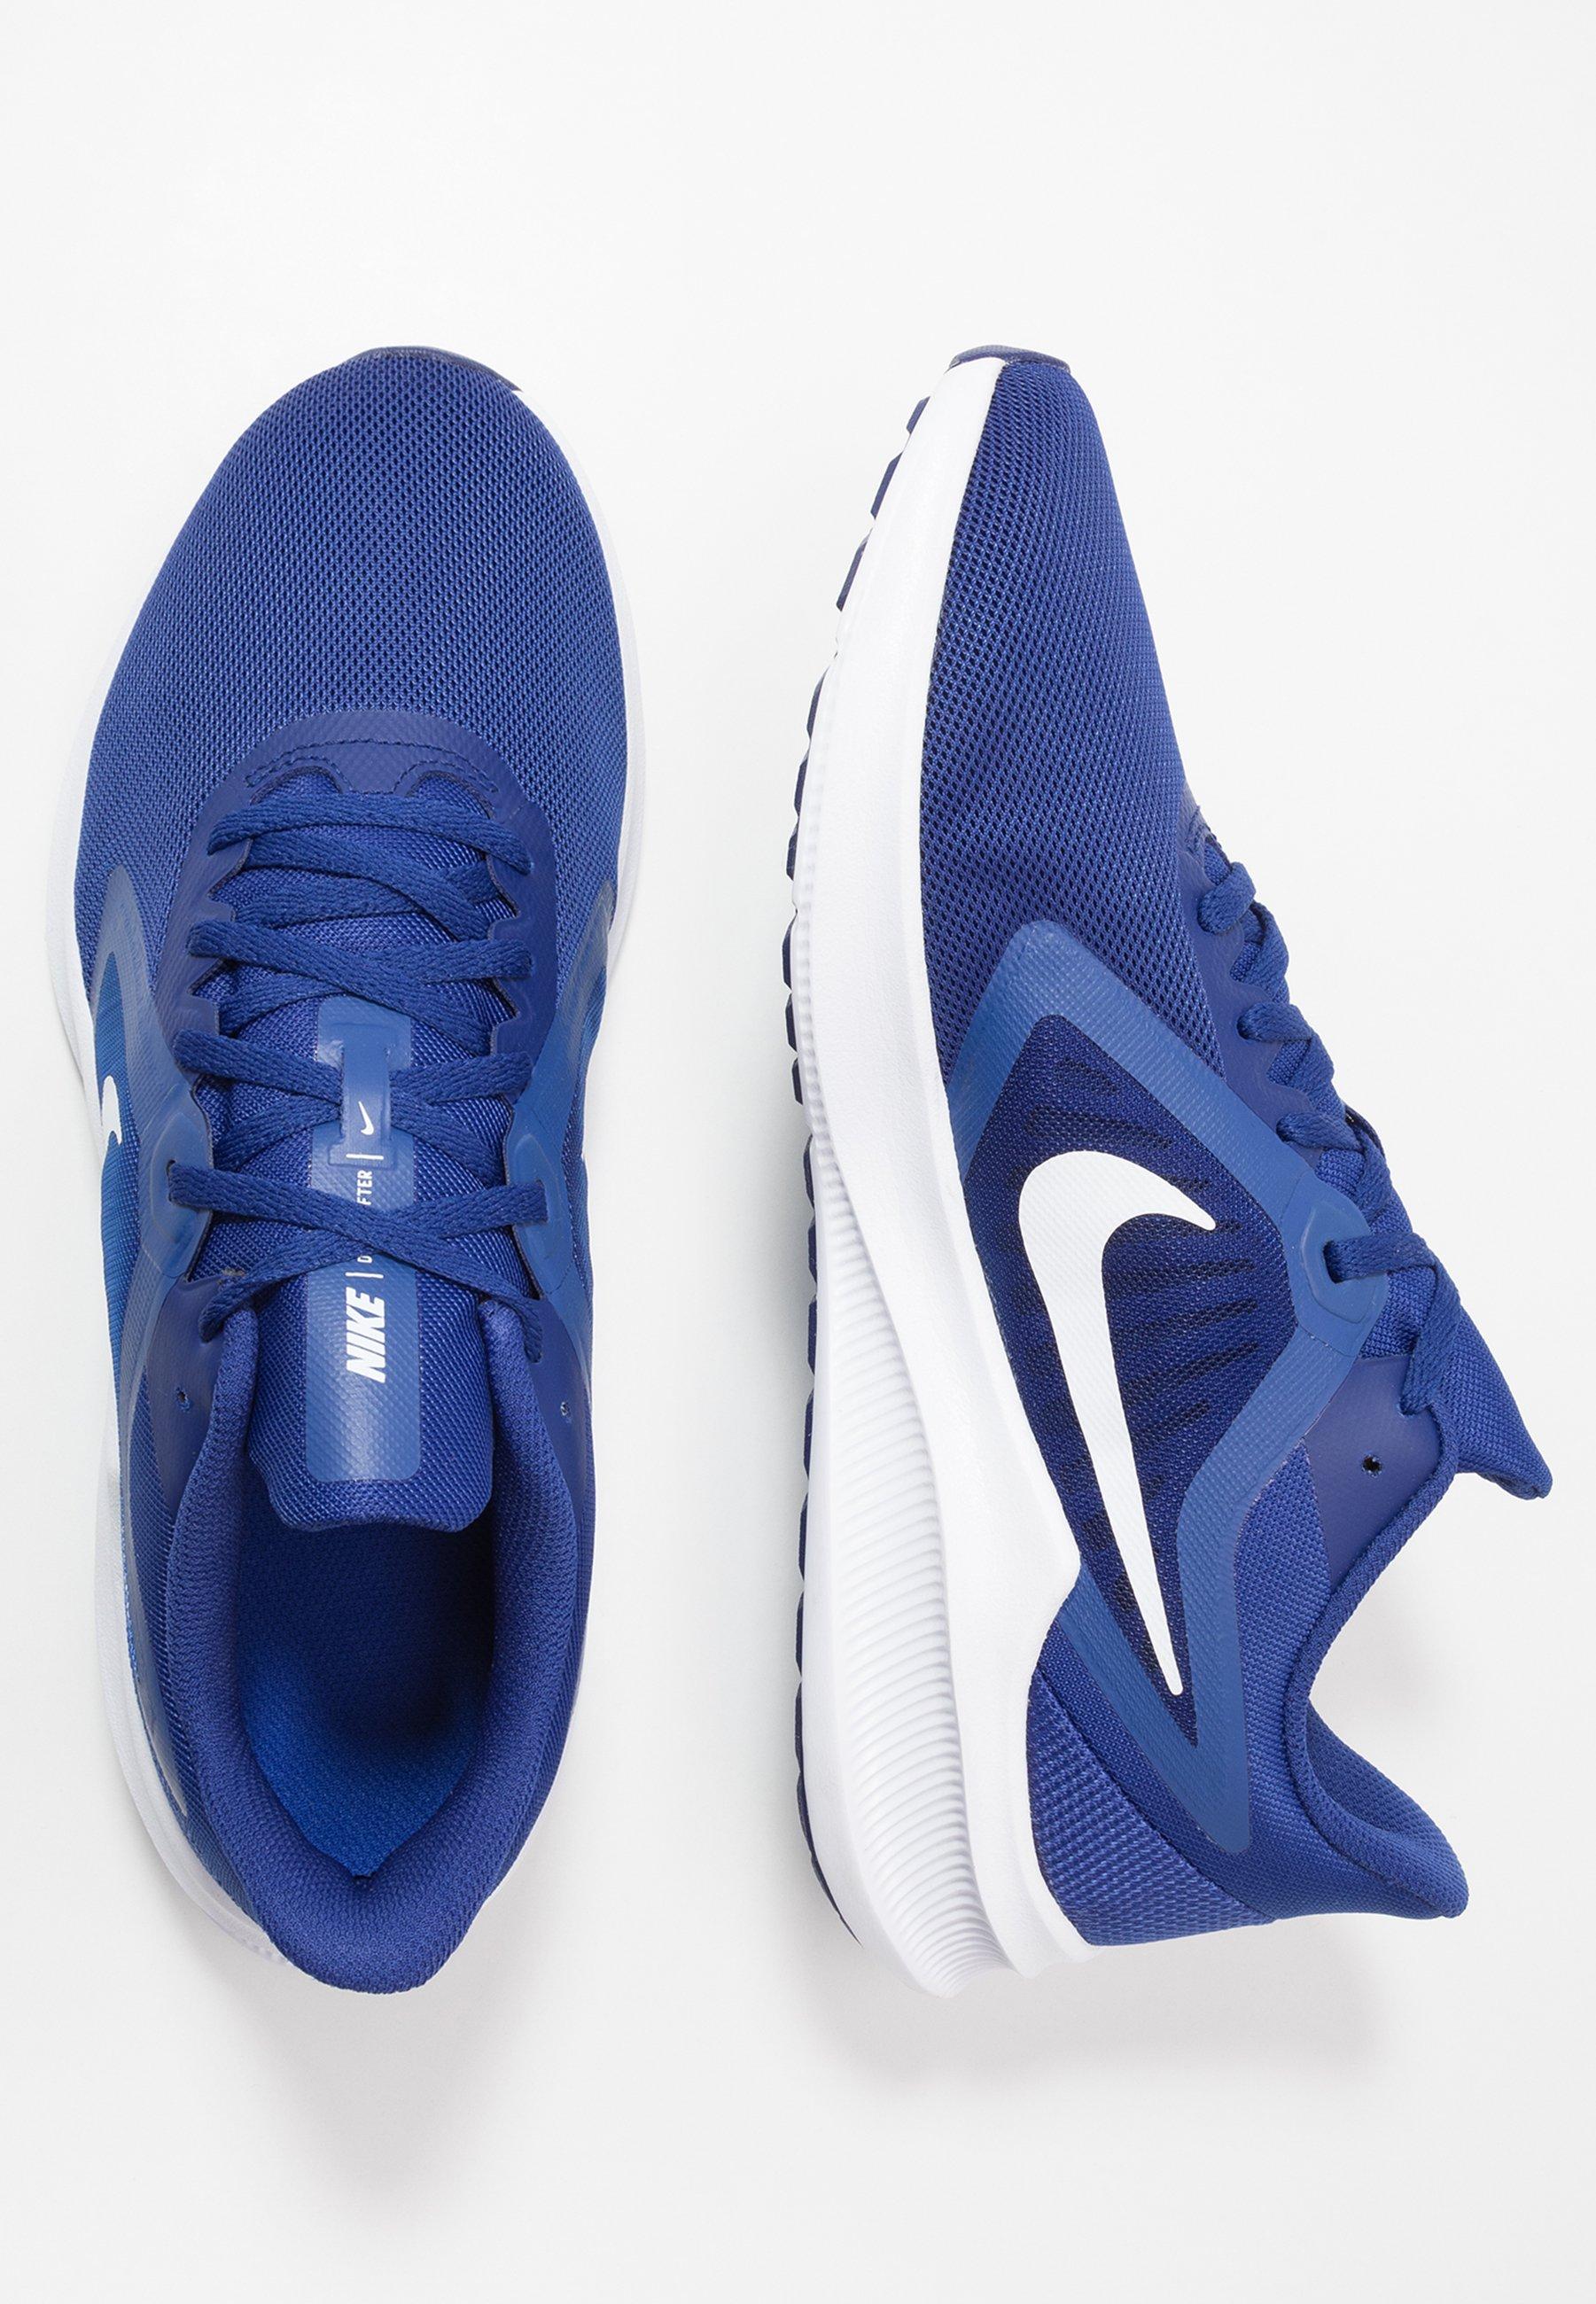 DOWNSHIFTER 10 Chaussures de running neutres deep royal bluewhitehyper blue